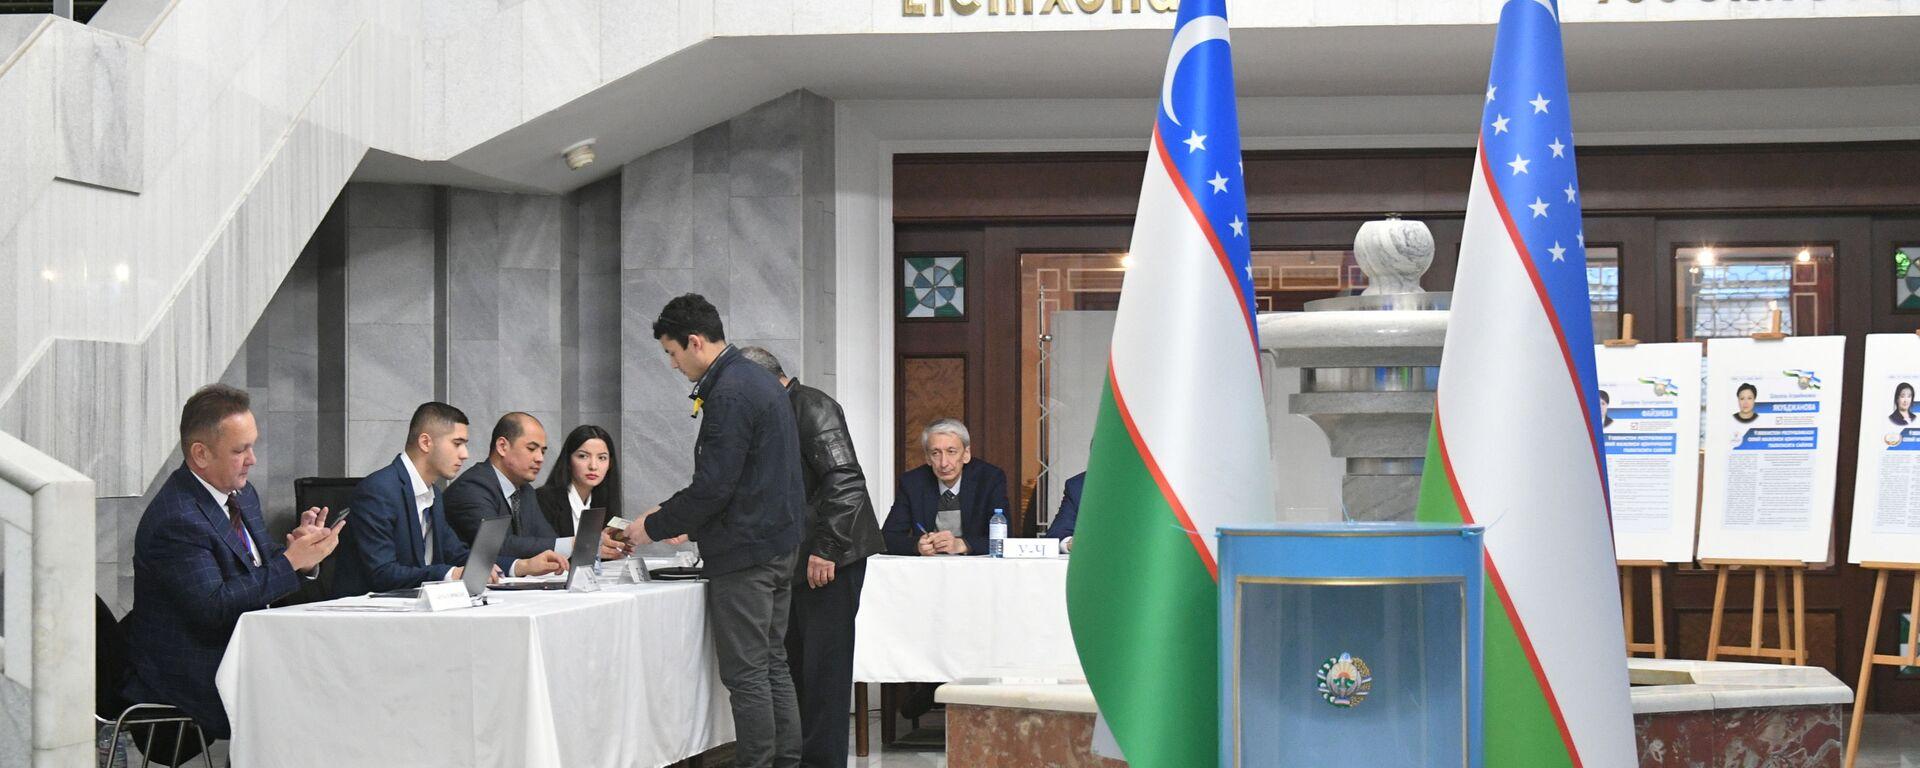 Как голосовали узбекистанцы в Москве на парламентских выборах - Sputnik Ўзбекистон, 1920, 08.09.2021